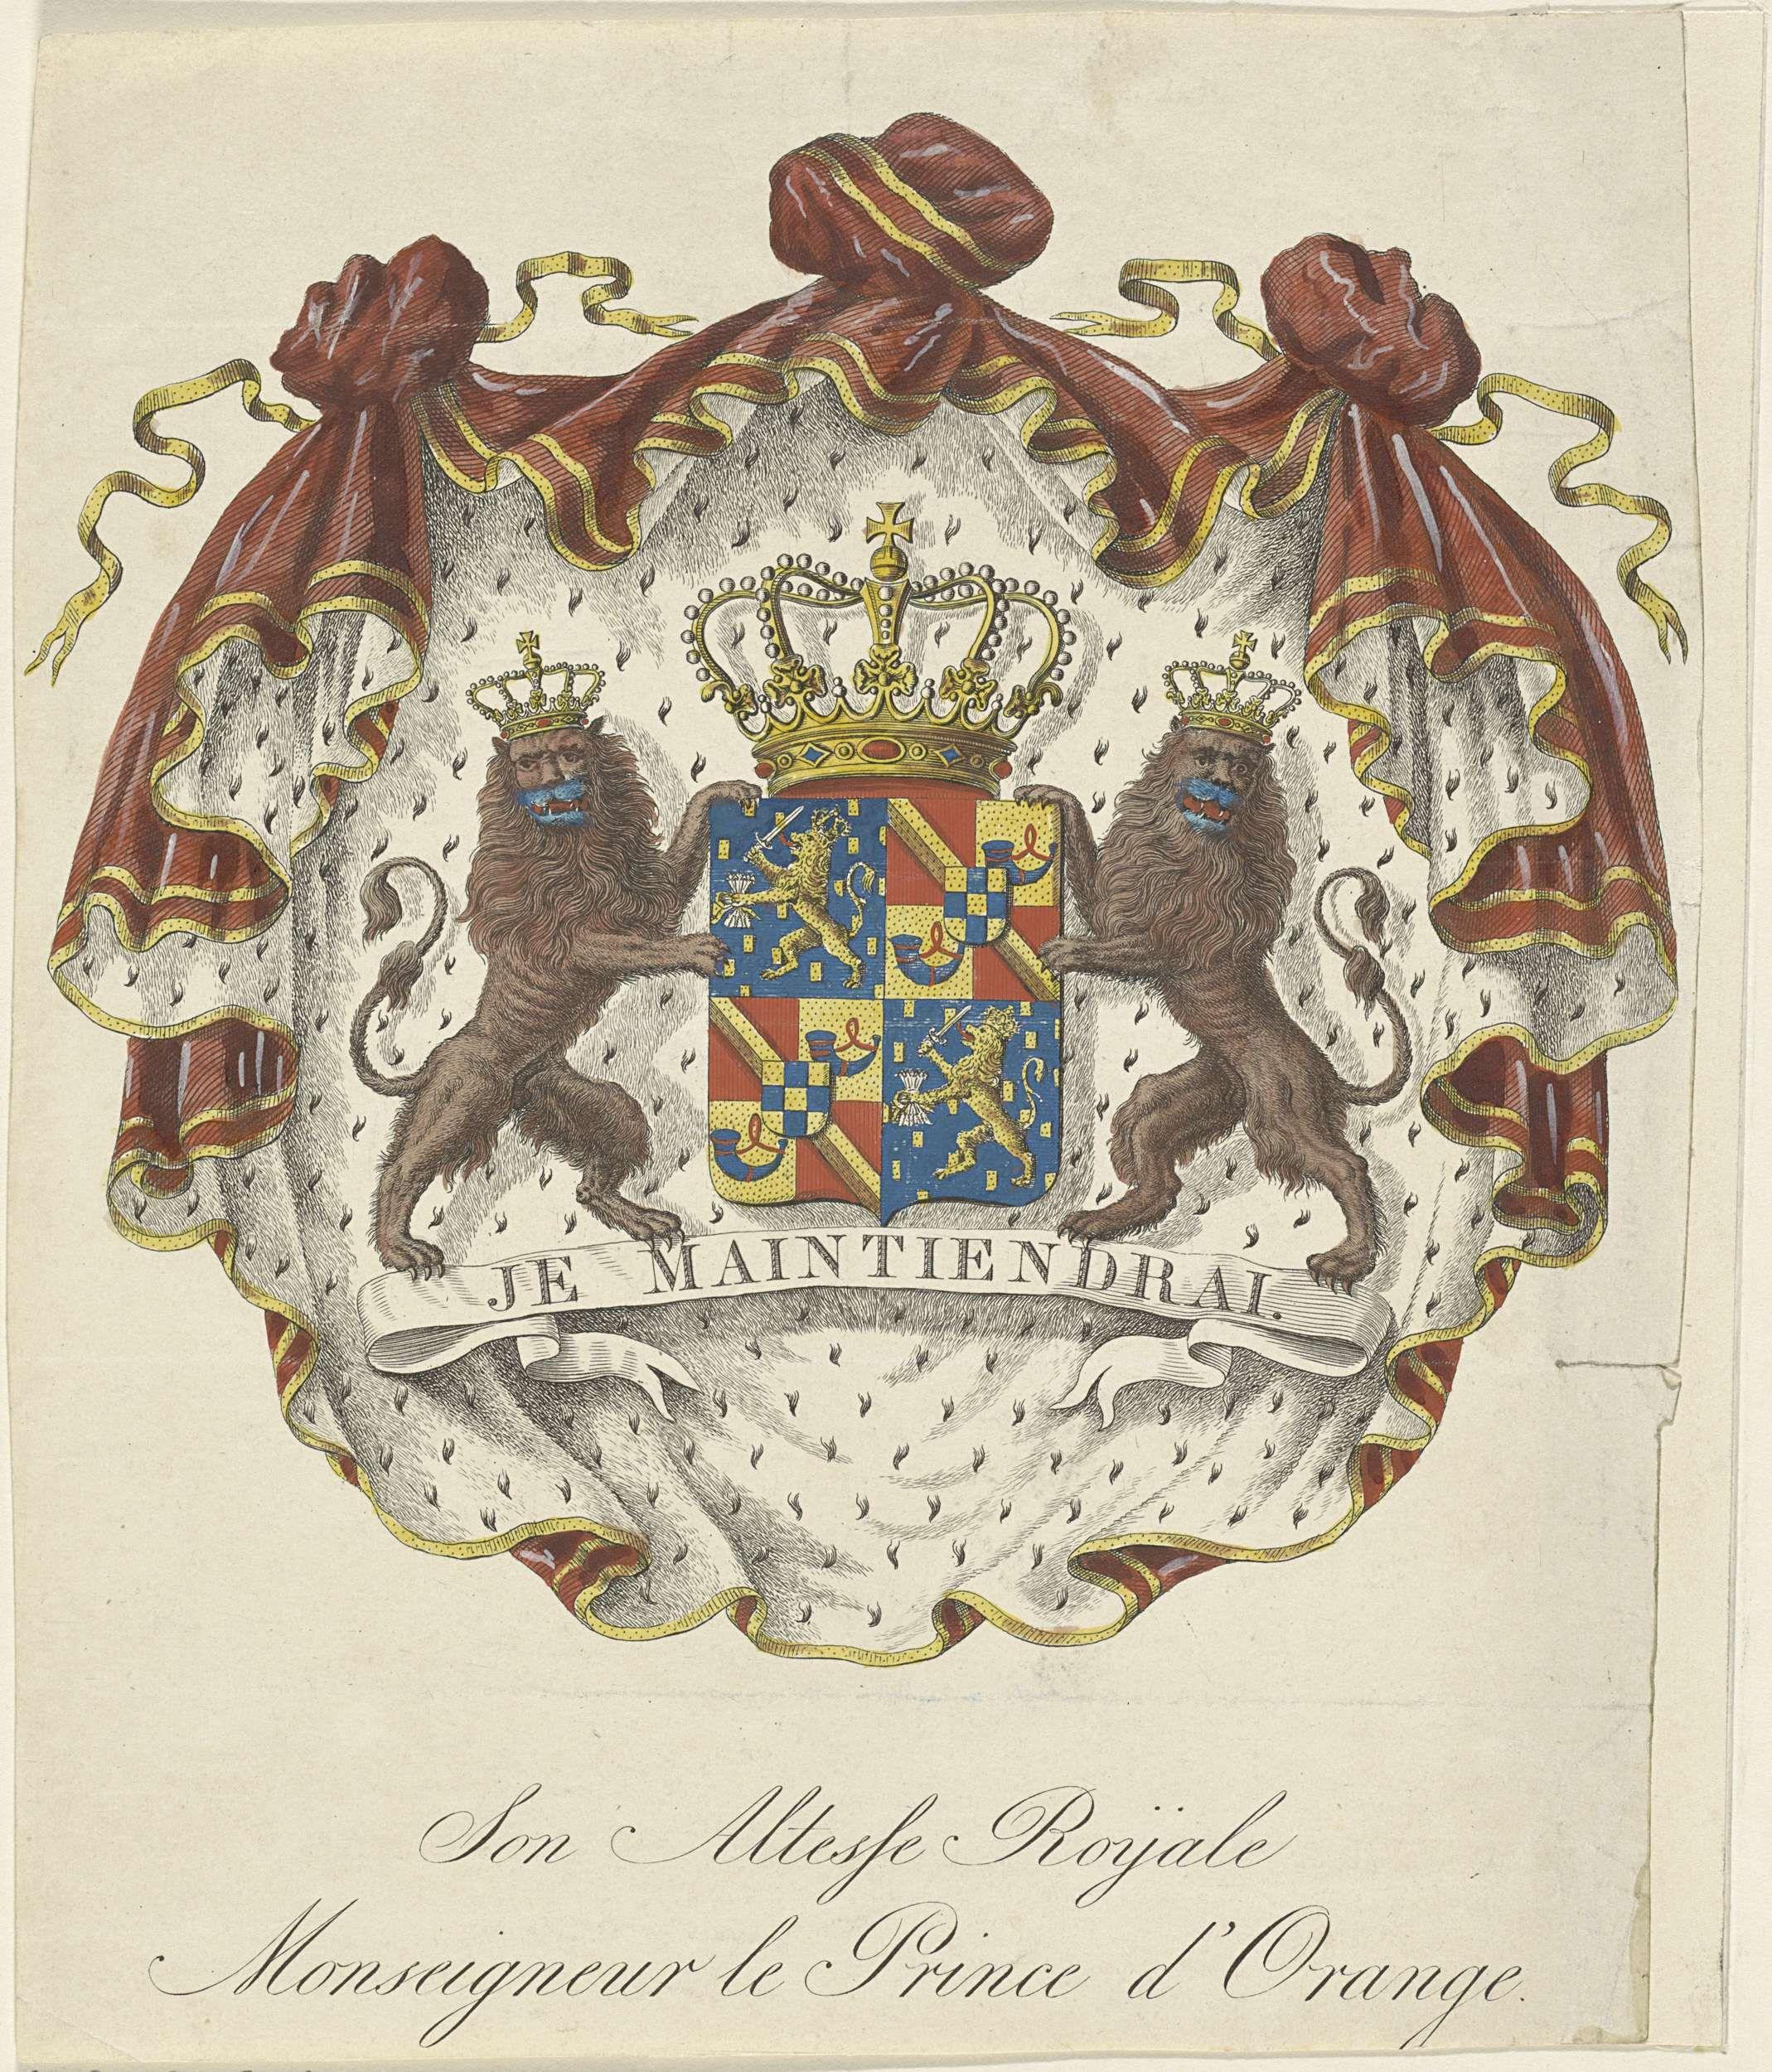 Wapen van Willem III, koning der Nederlanden, als prins van Oranje, anoniem, 1817 - 1899